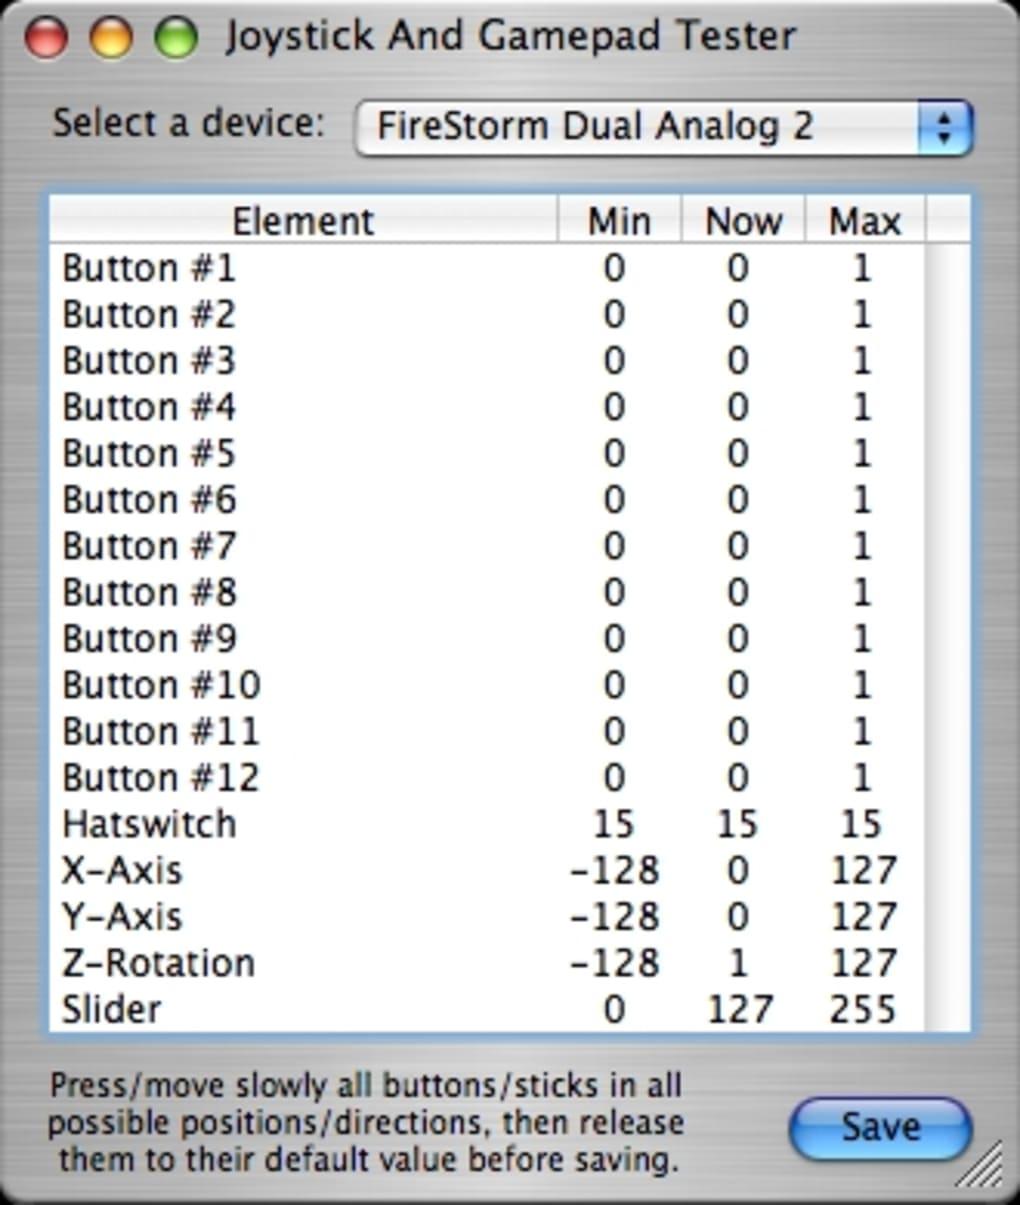 Joystick And Gamepad Tester para Mac - Descargar